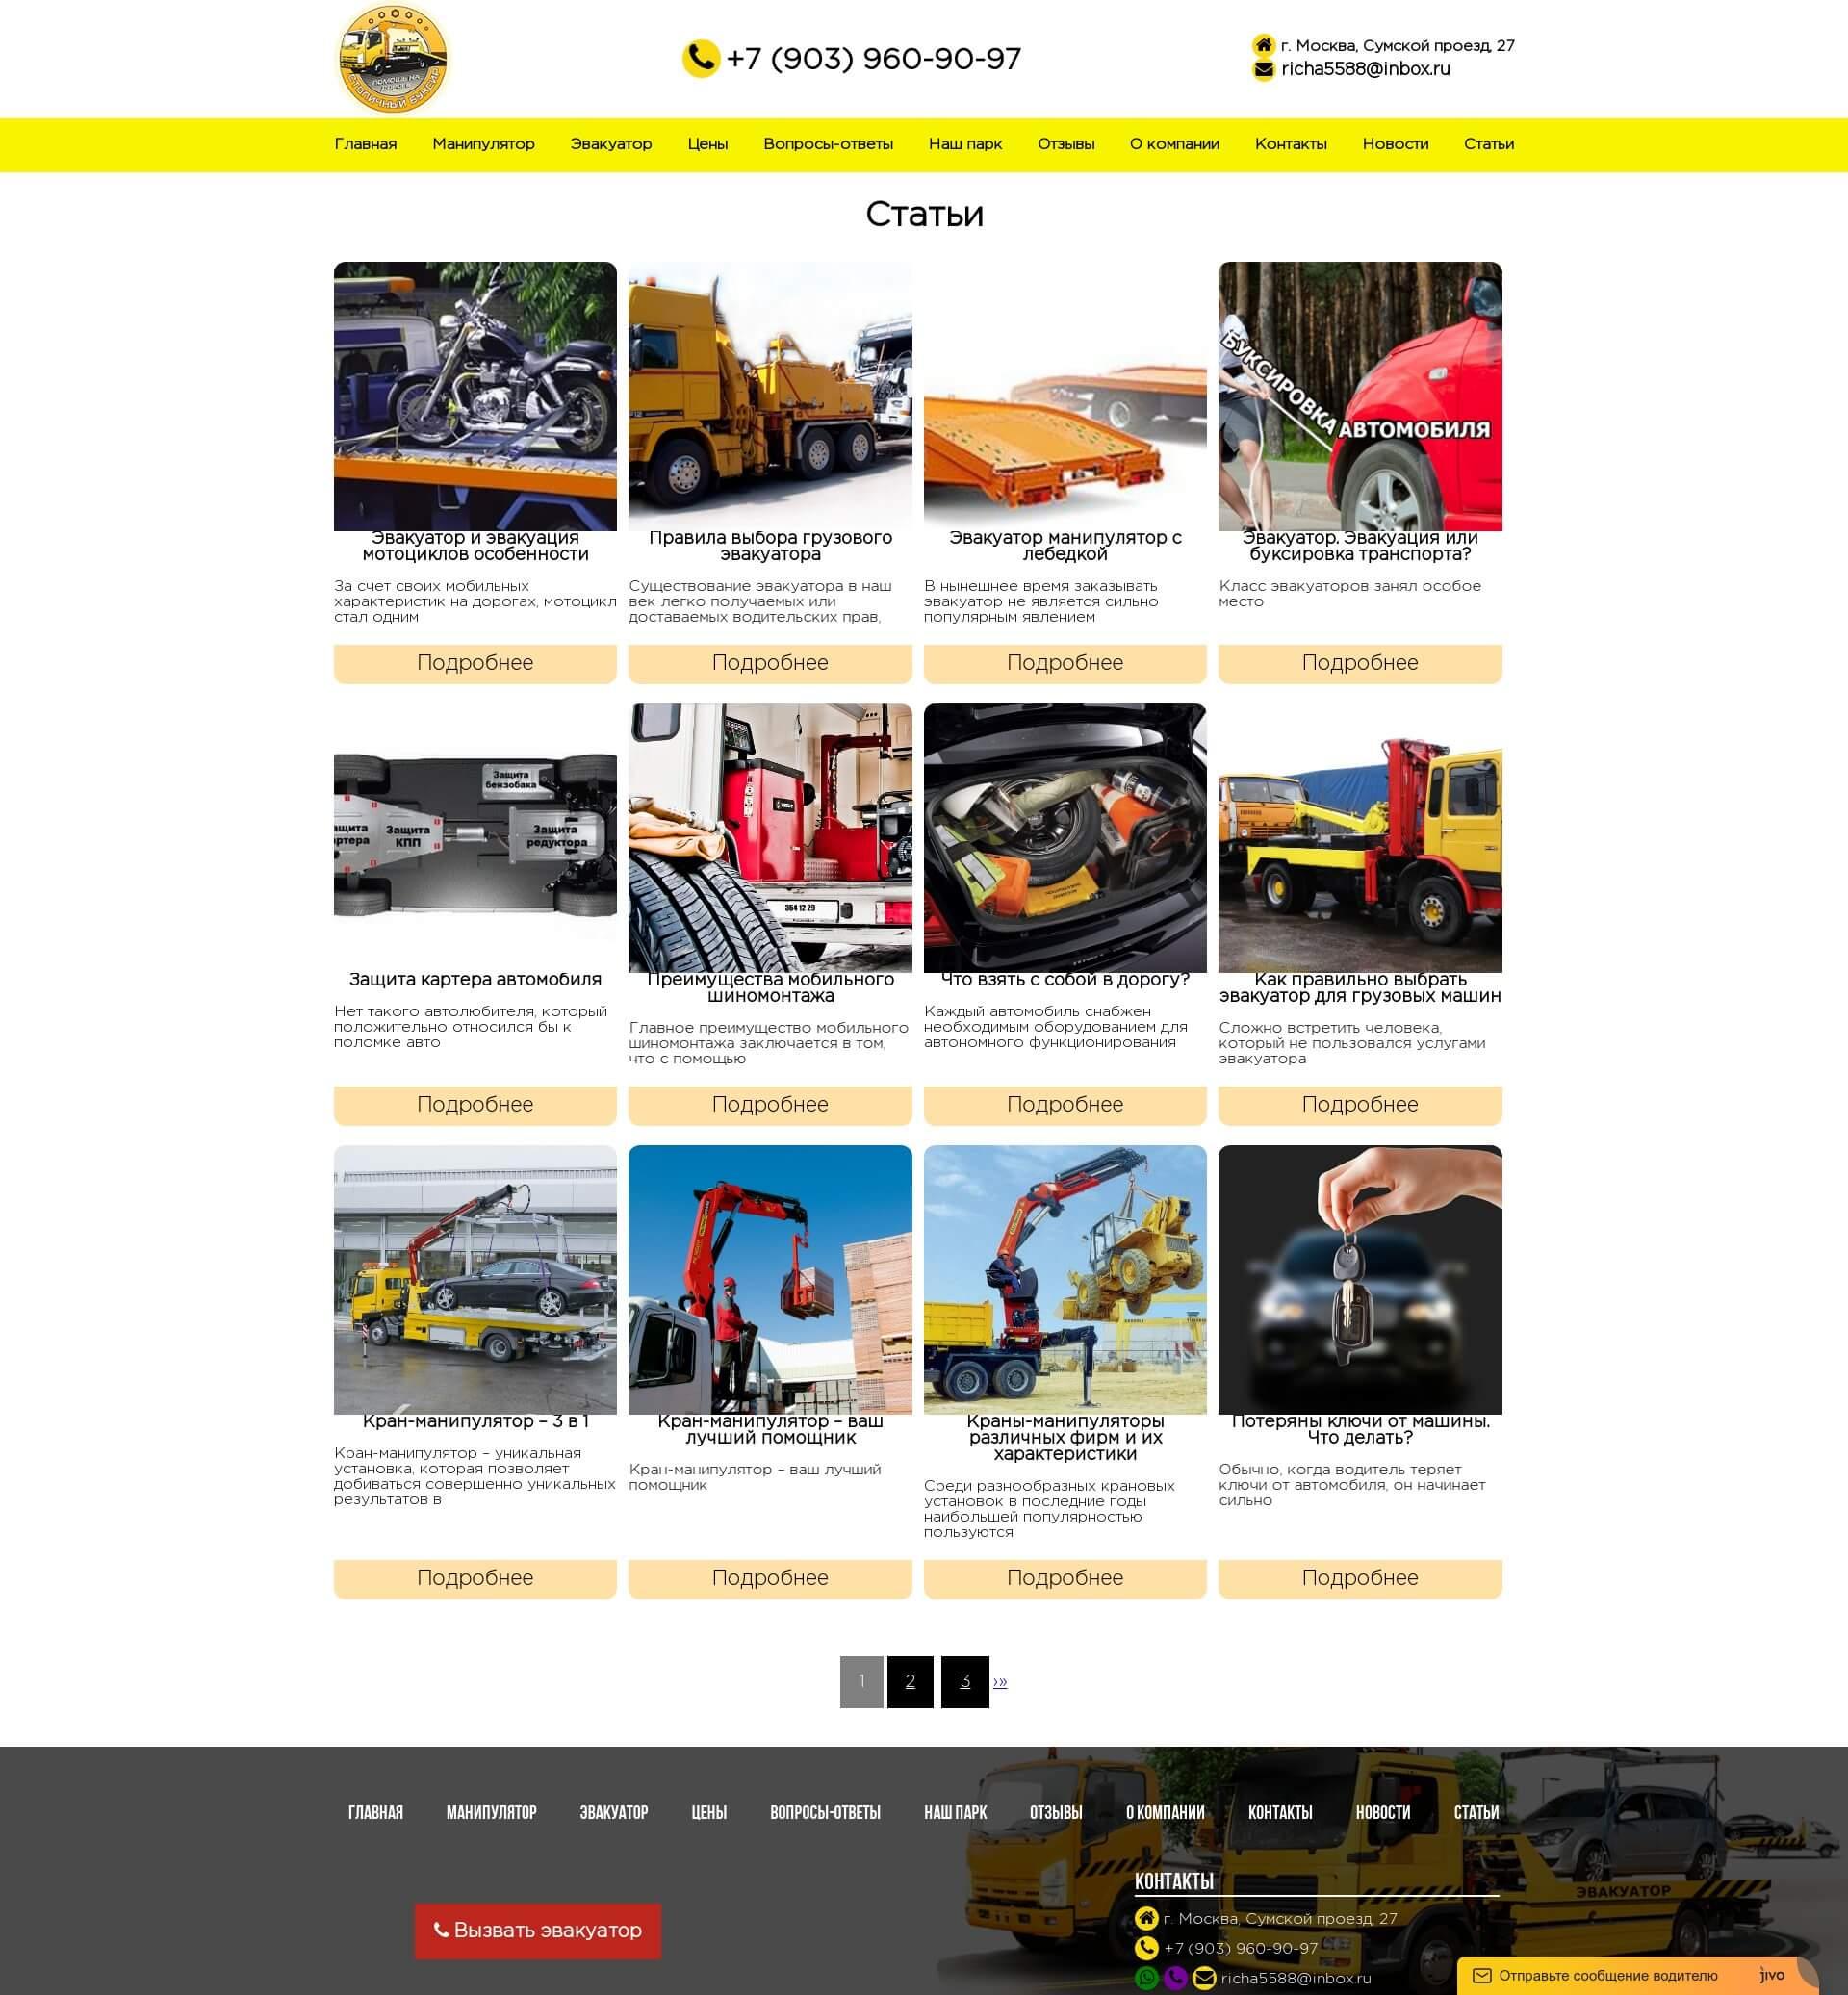 Скриншот №1 страницы сайта во весь экран. Сайта для эвакуатора в Москве